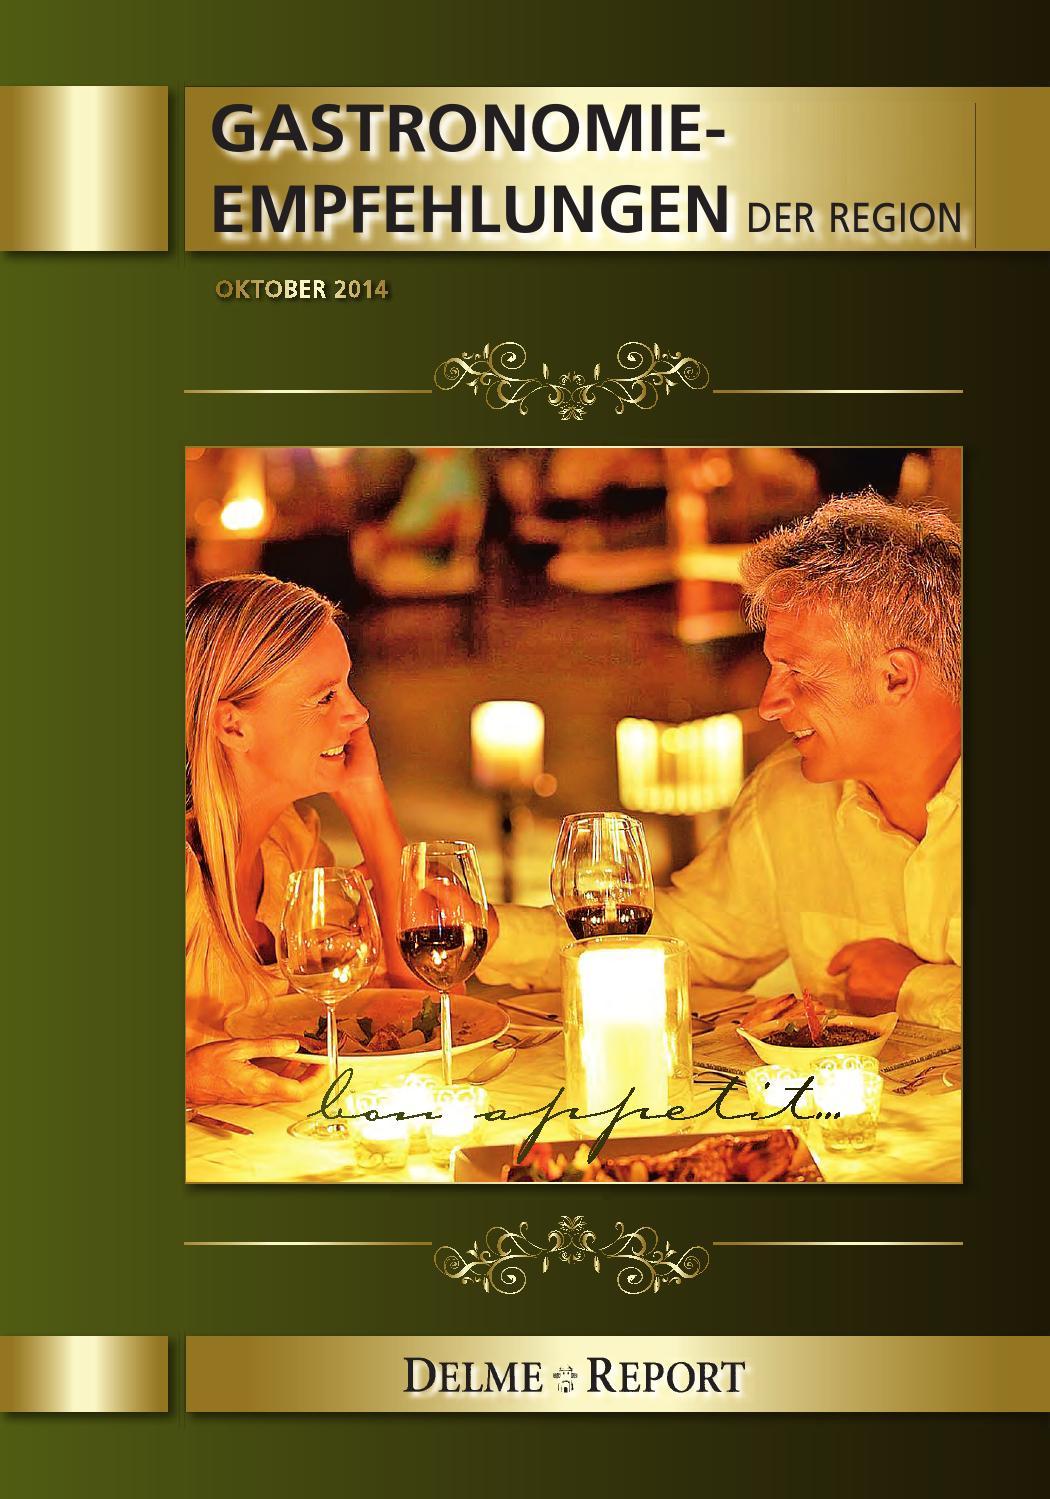 Gastronomie-Empfehlungen der Region_Delmenhorst by KPS ...